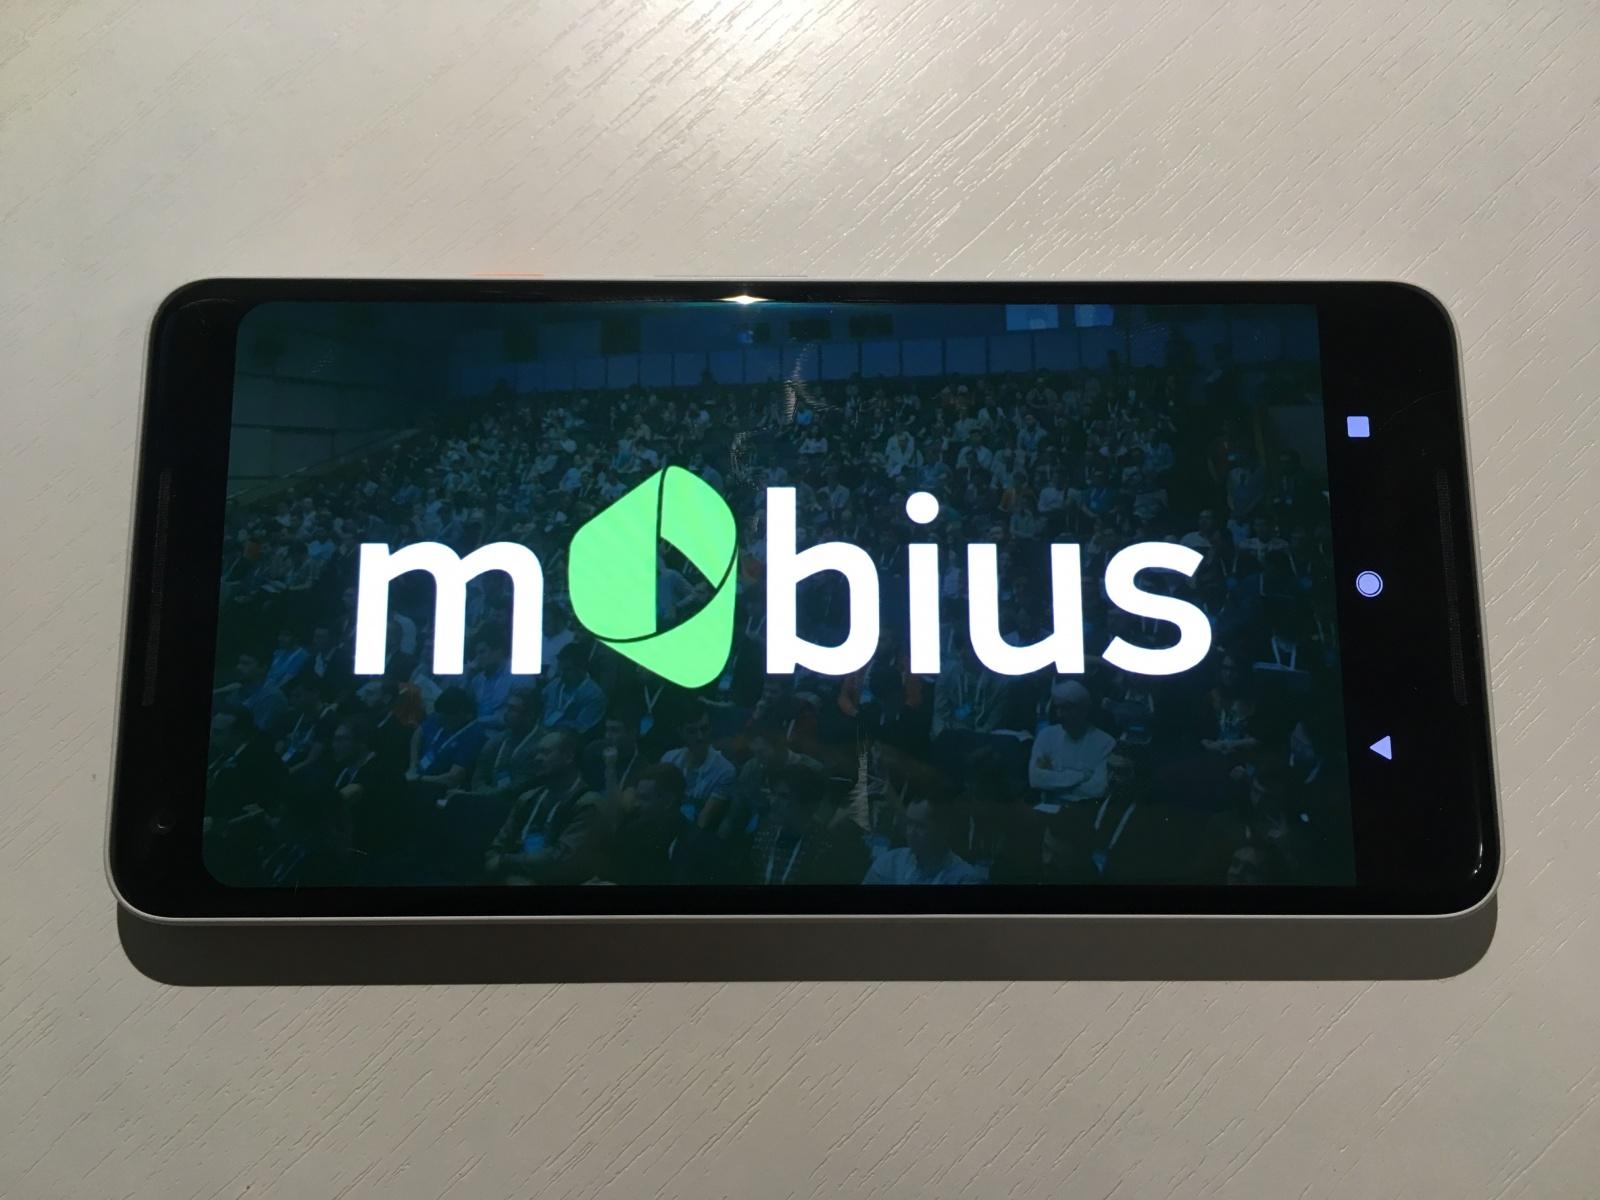 Мобильный уик-энд: бесплатная трансляция Mobius - 1